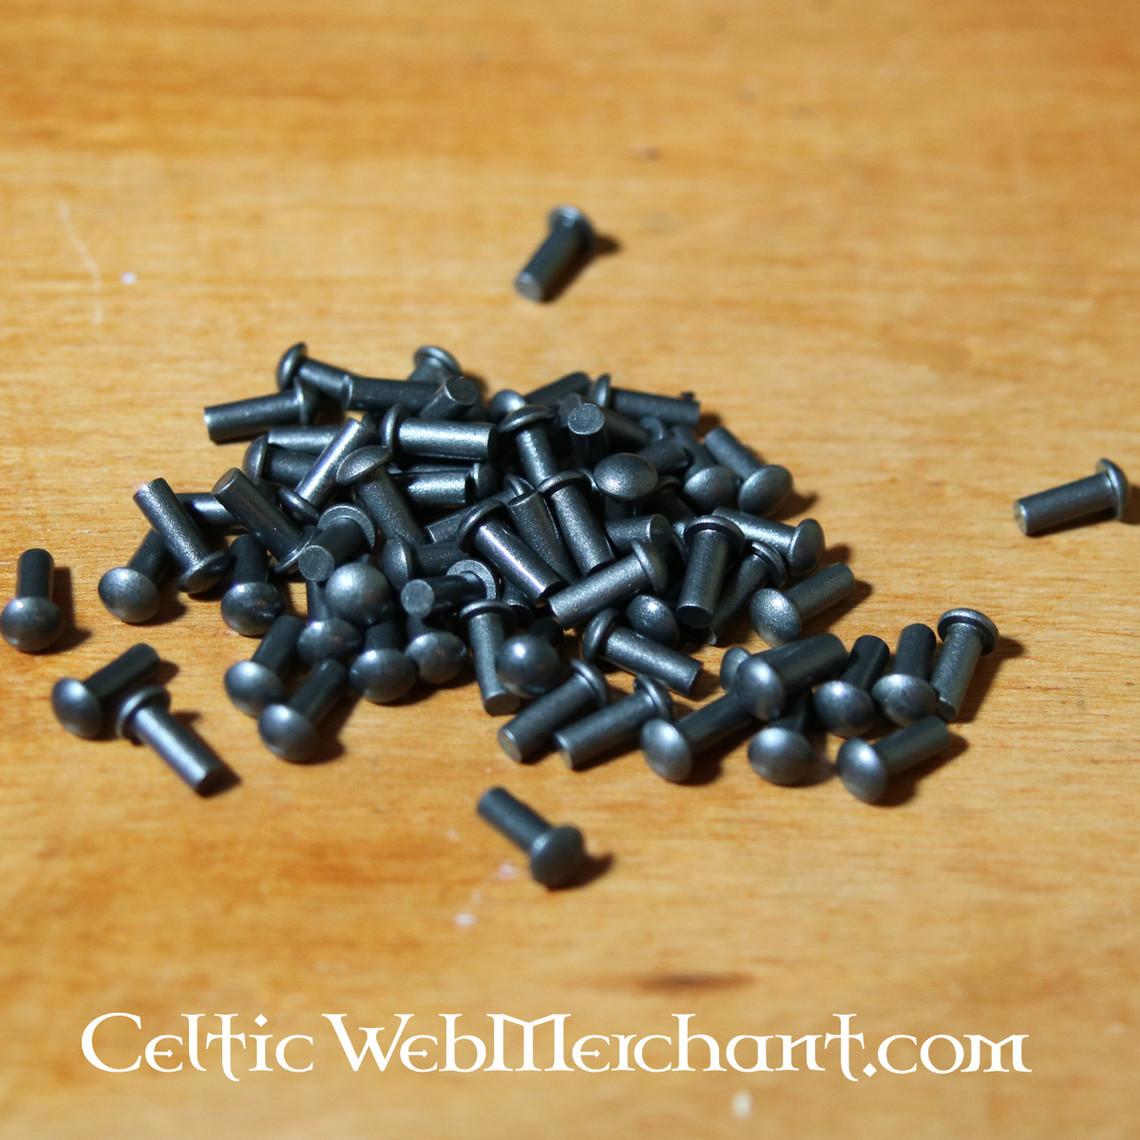 nity stalowe 4 mm, długość 12 mm, zestaw 50